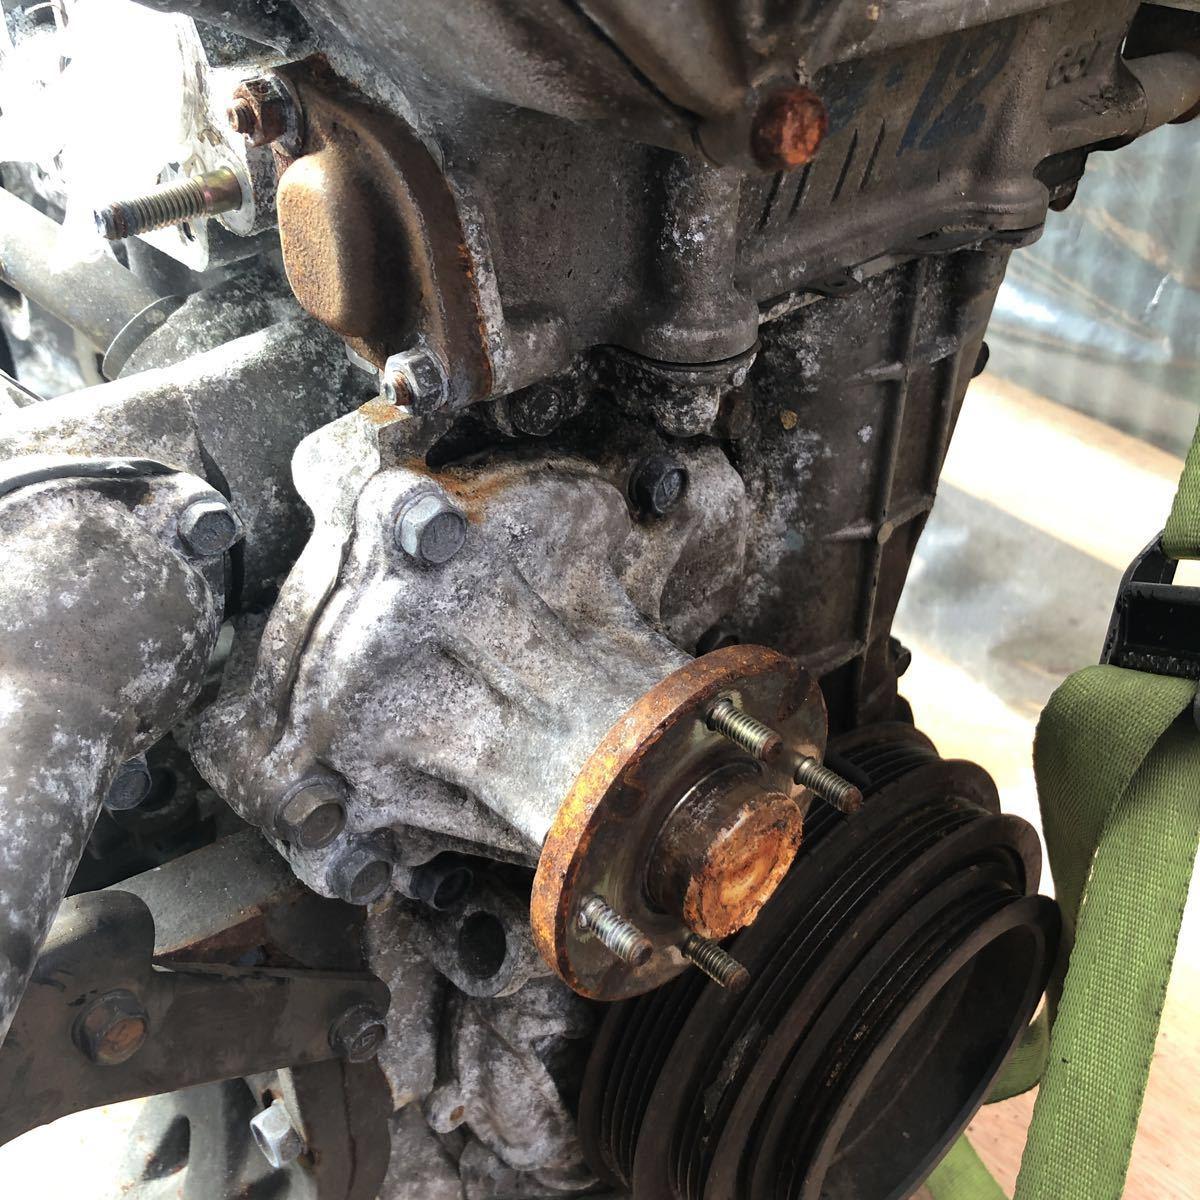 SR20 ターボエンジン S15 ヘッドガスケットメタル 社外カム エンジンのみ シルビア_画像5